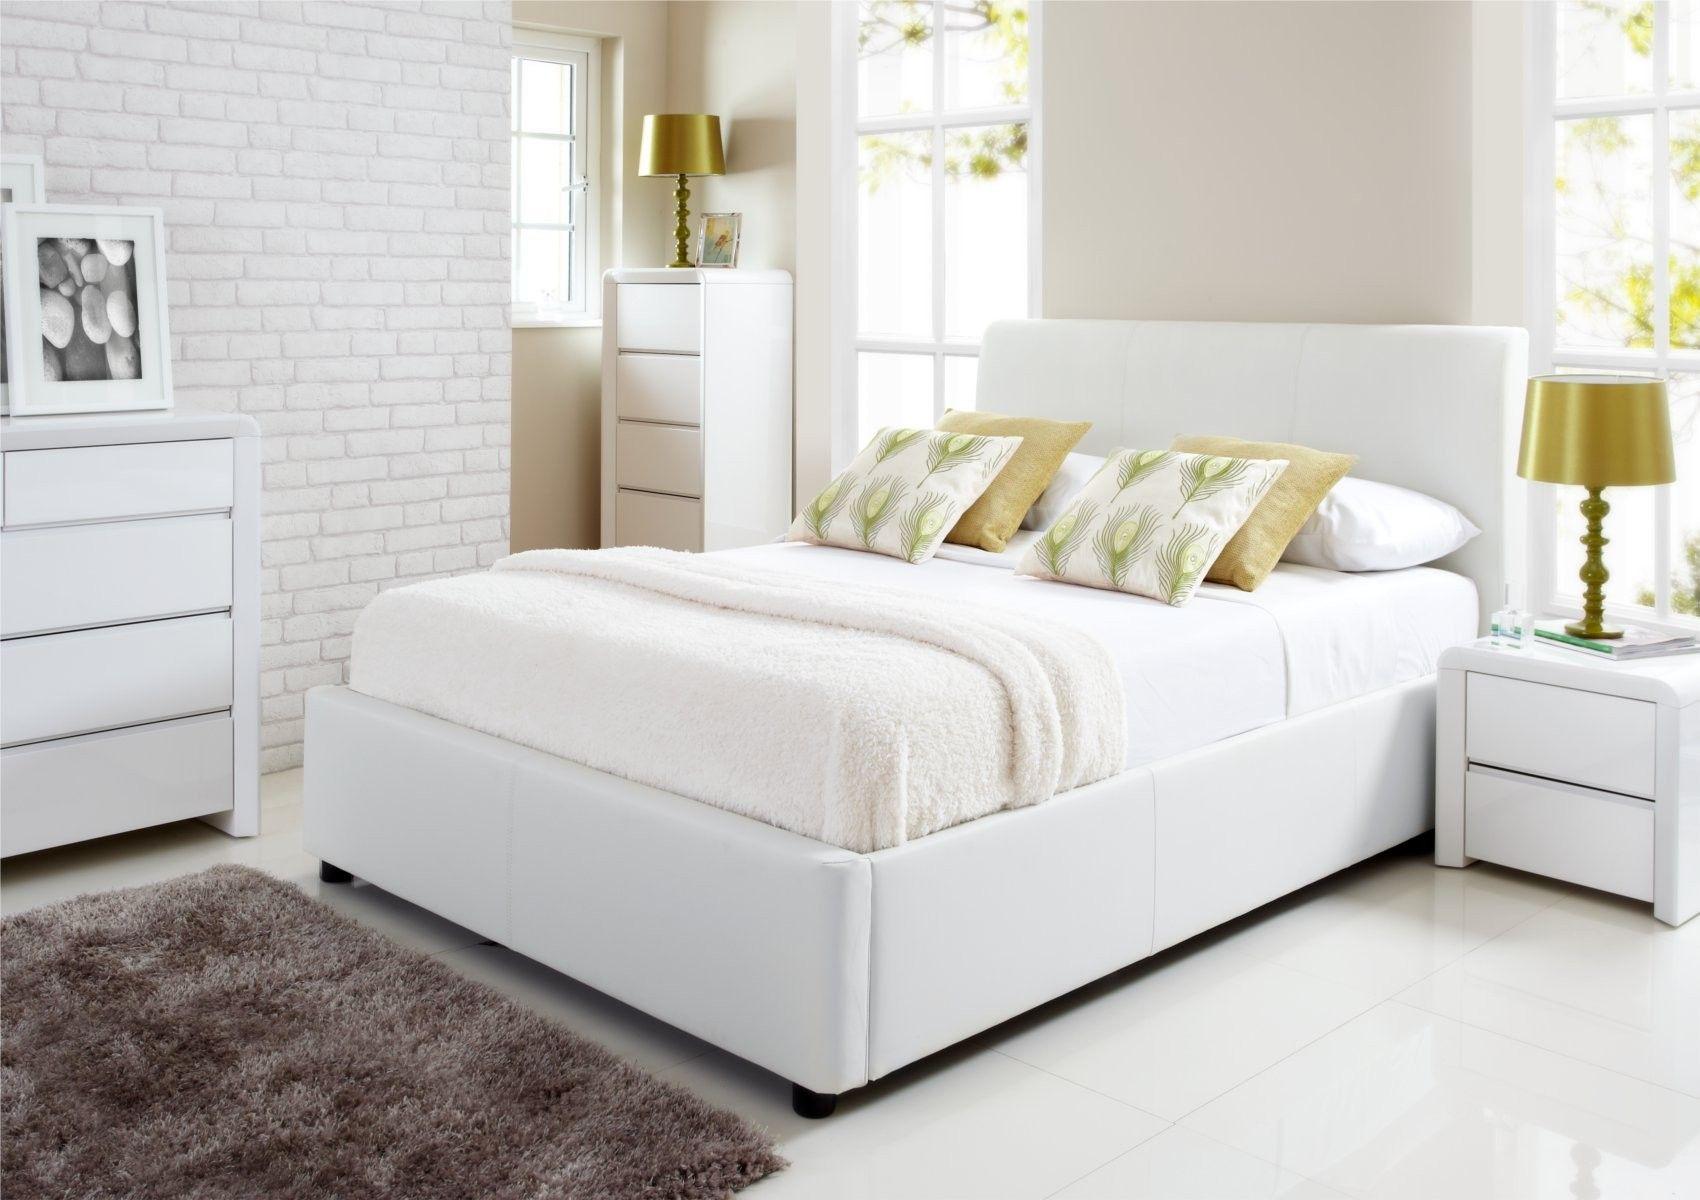 Best Henley White Leather Ottoman Storage Bed Ottoman Storage 640 x 480